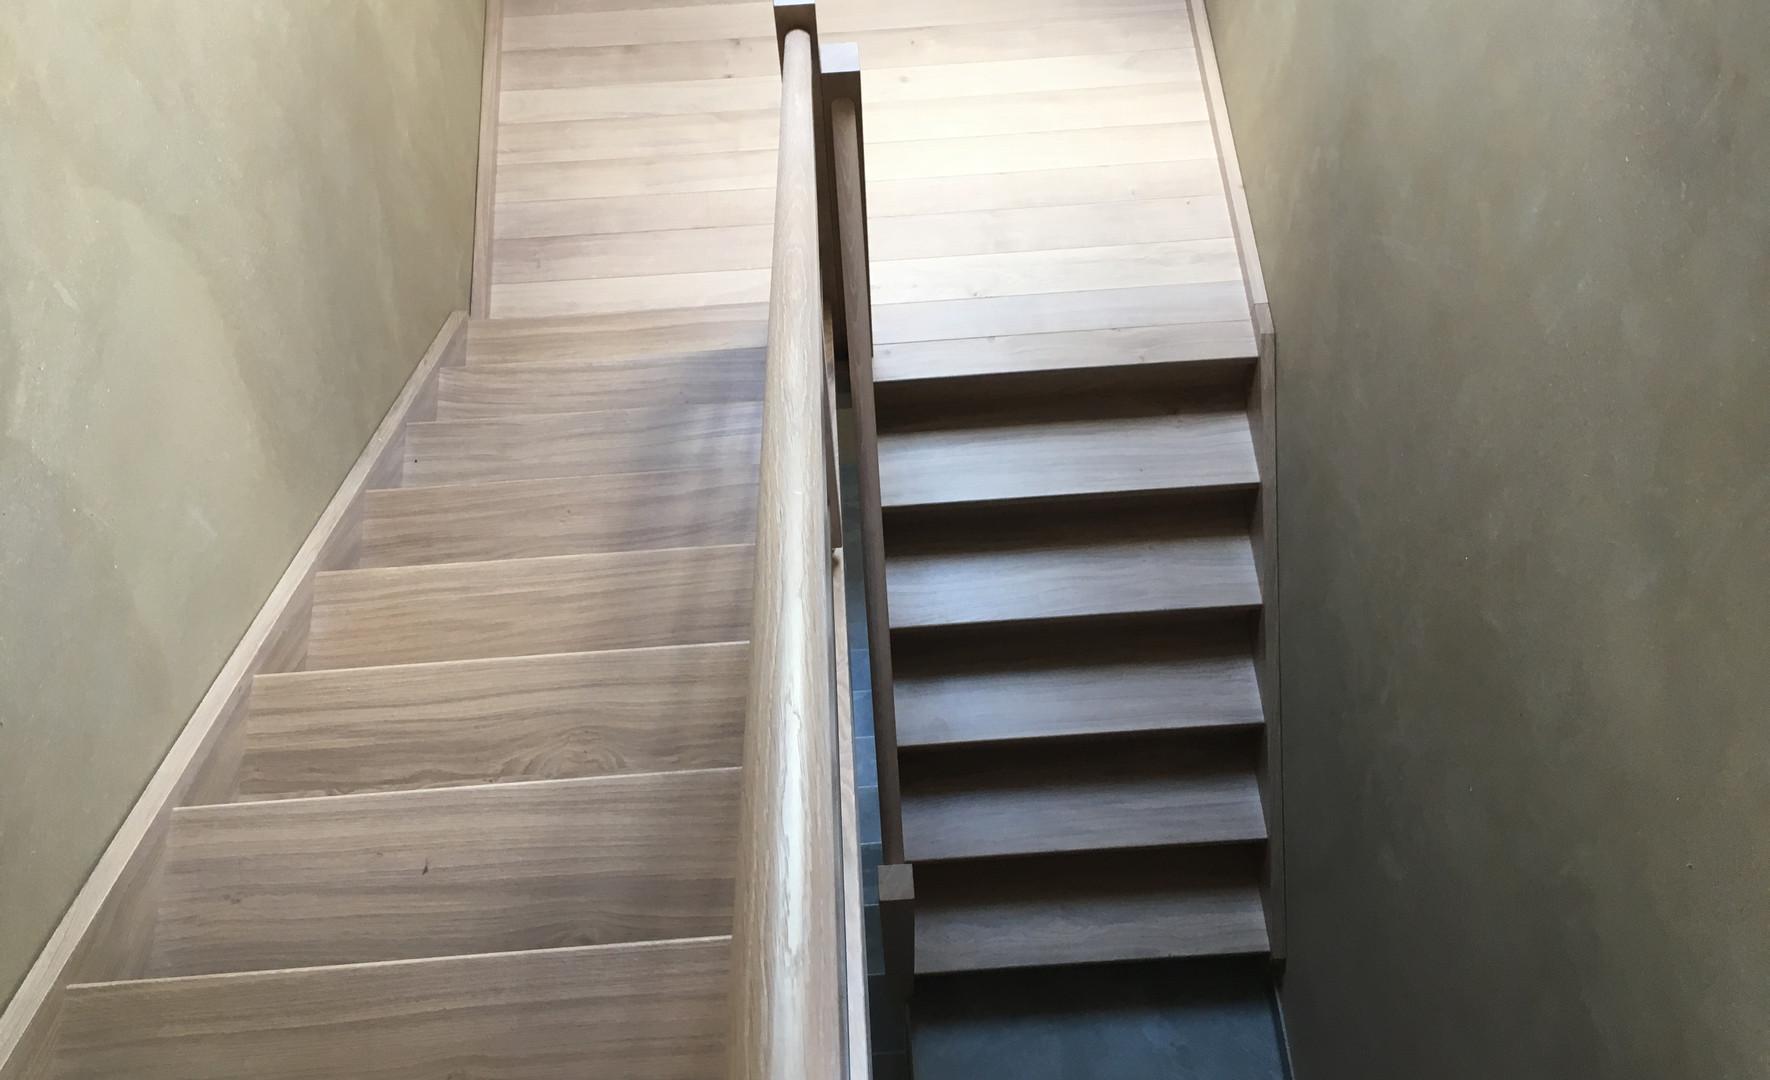 Escalier 2 - Vue 3